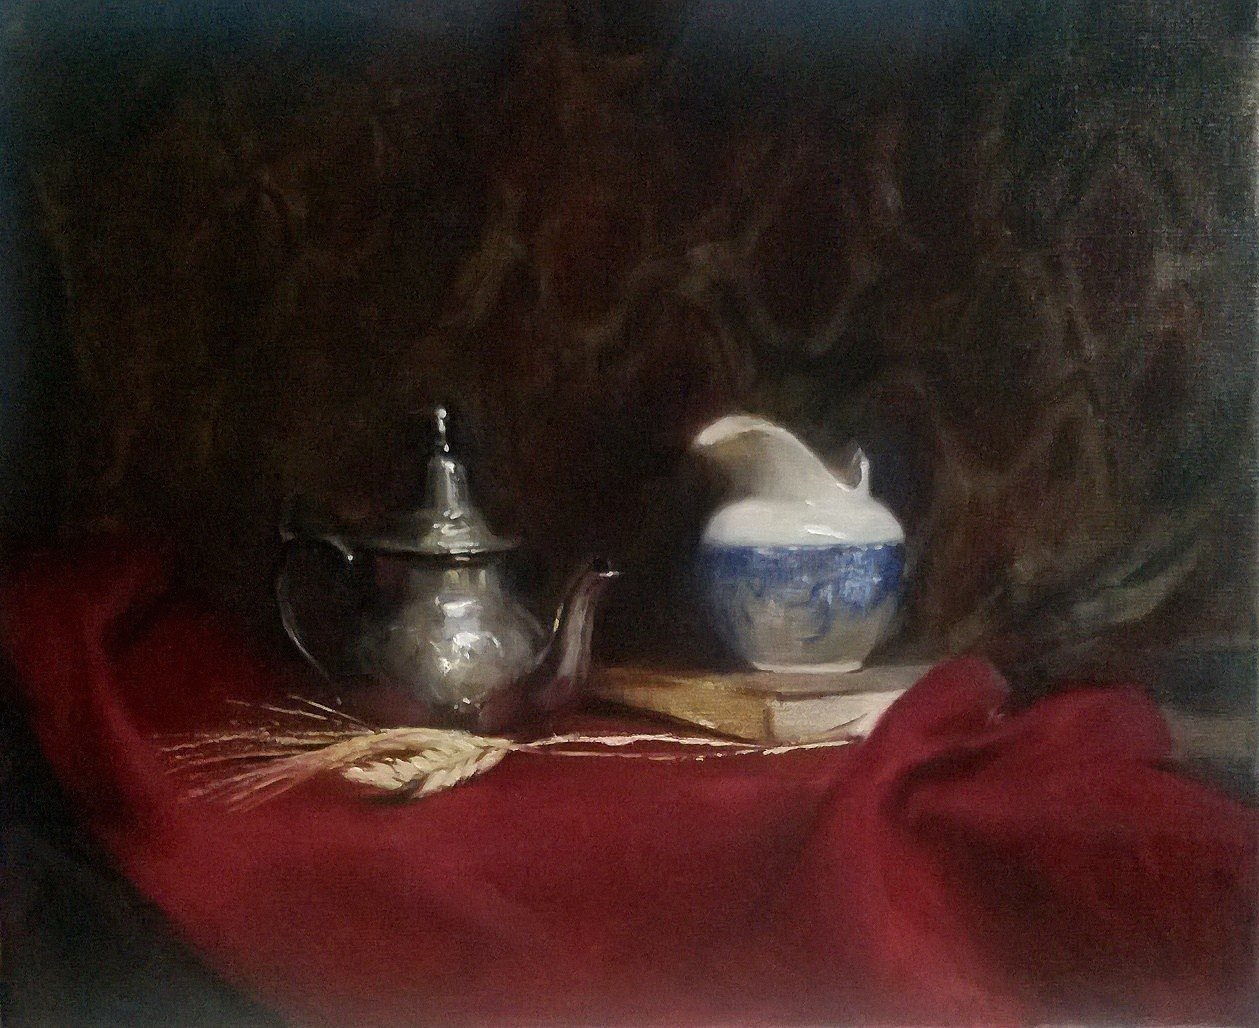 'Tea hour' 50 cm x 60 cm Oil on linen